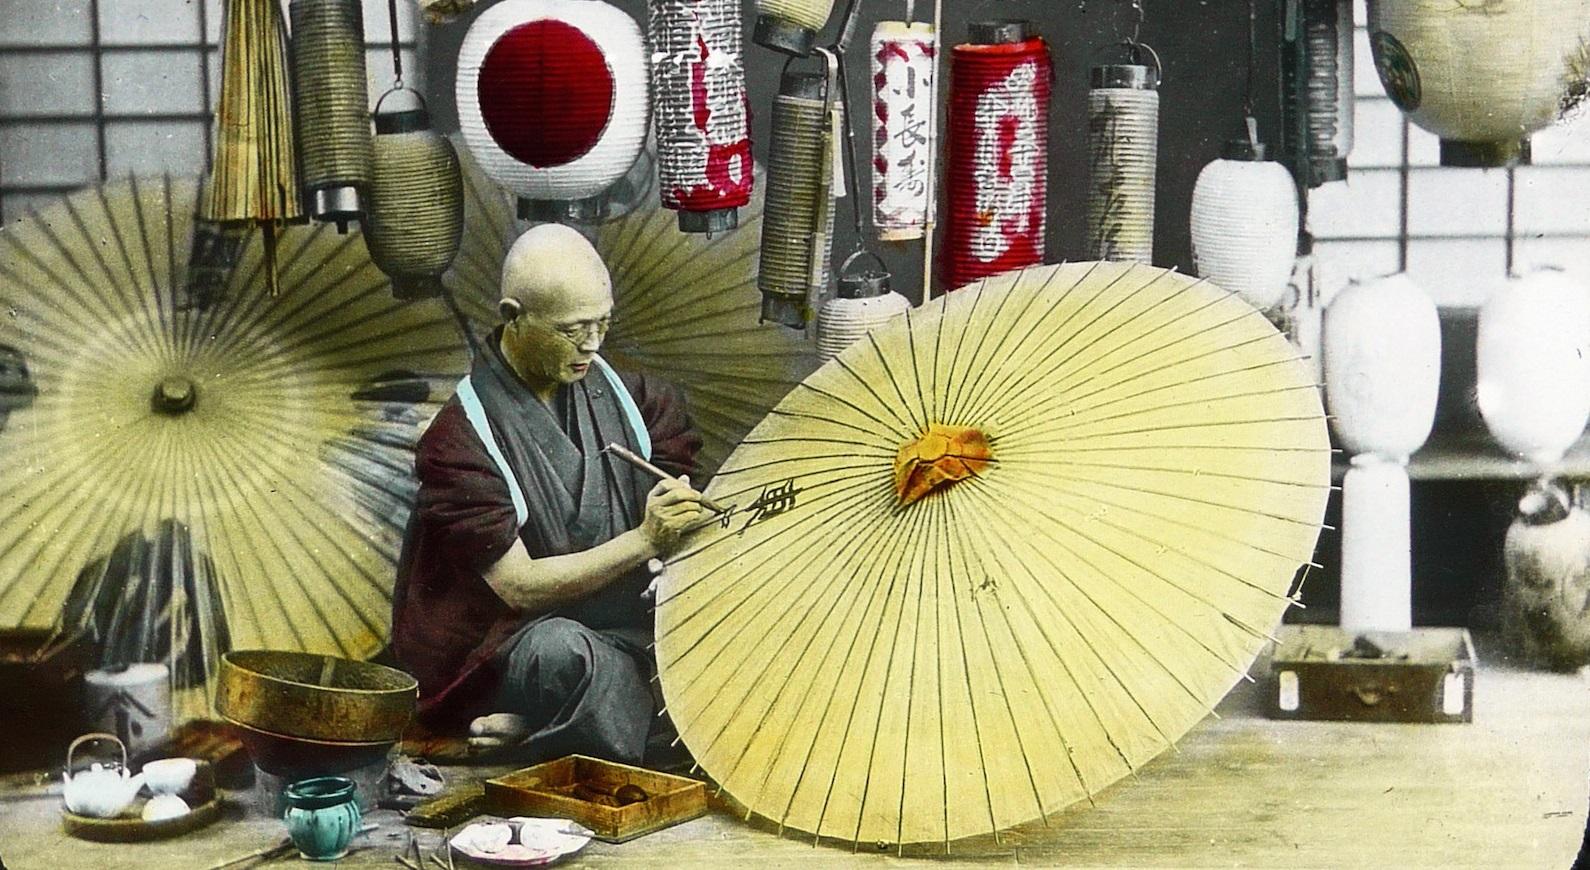 Trải nghiệm những sản phẩm thủ công truyền thống vẫn còn tồn tại ở Tokaido